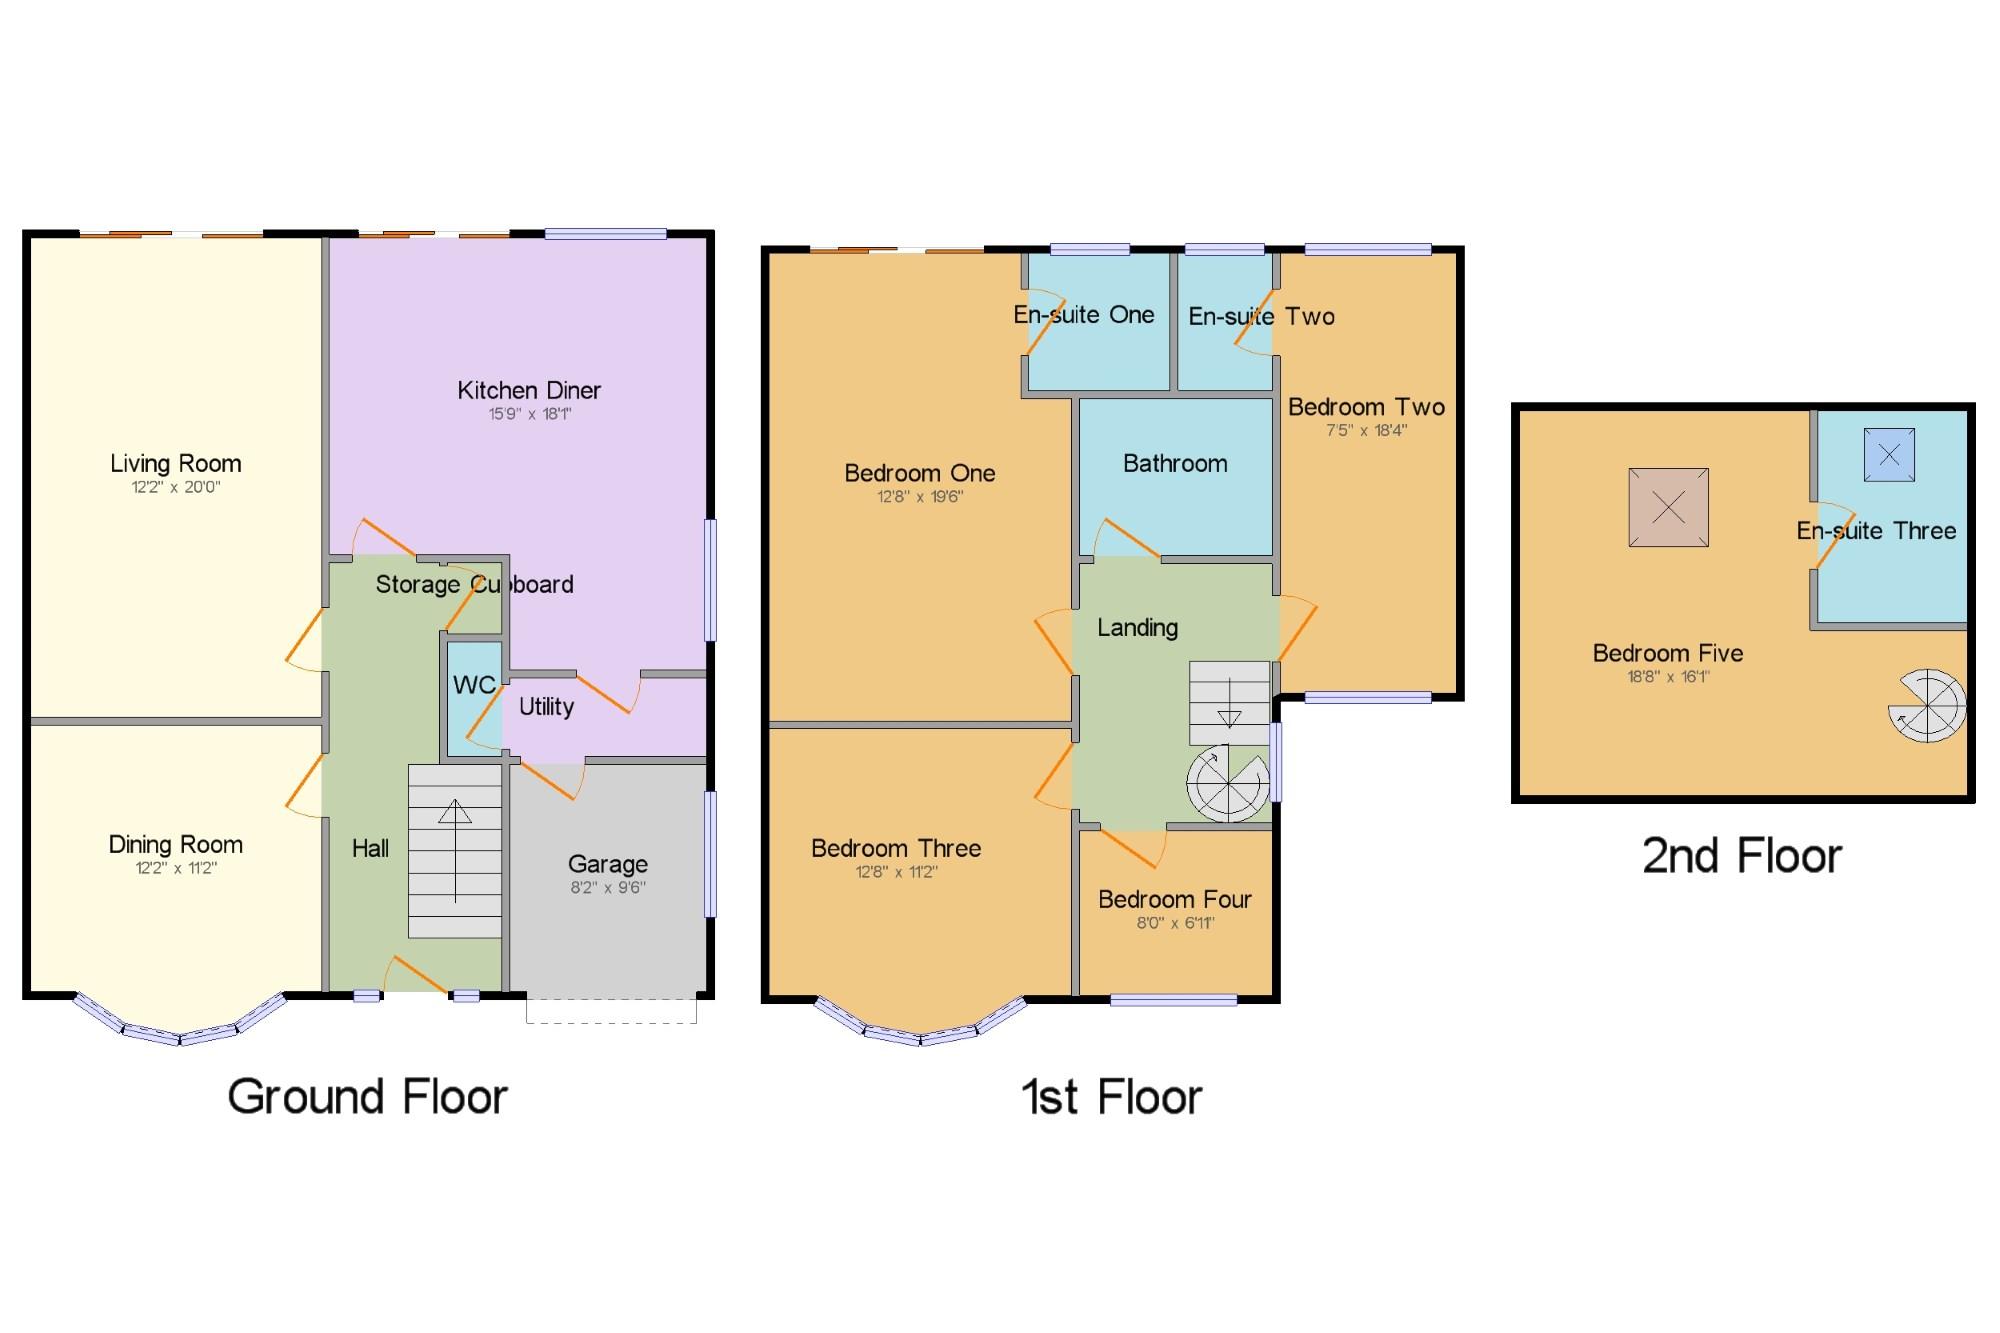 Bed Room House For Sale Kingsway East Didsbury